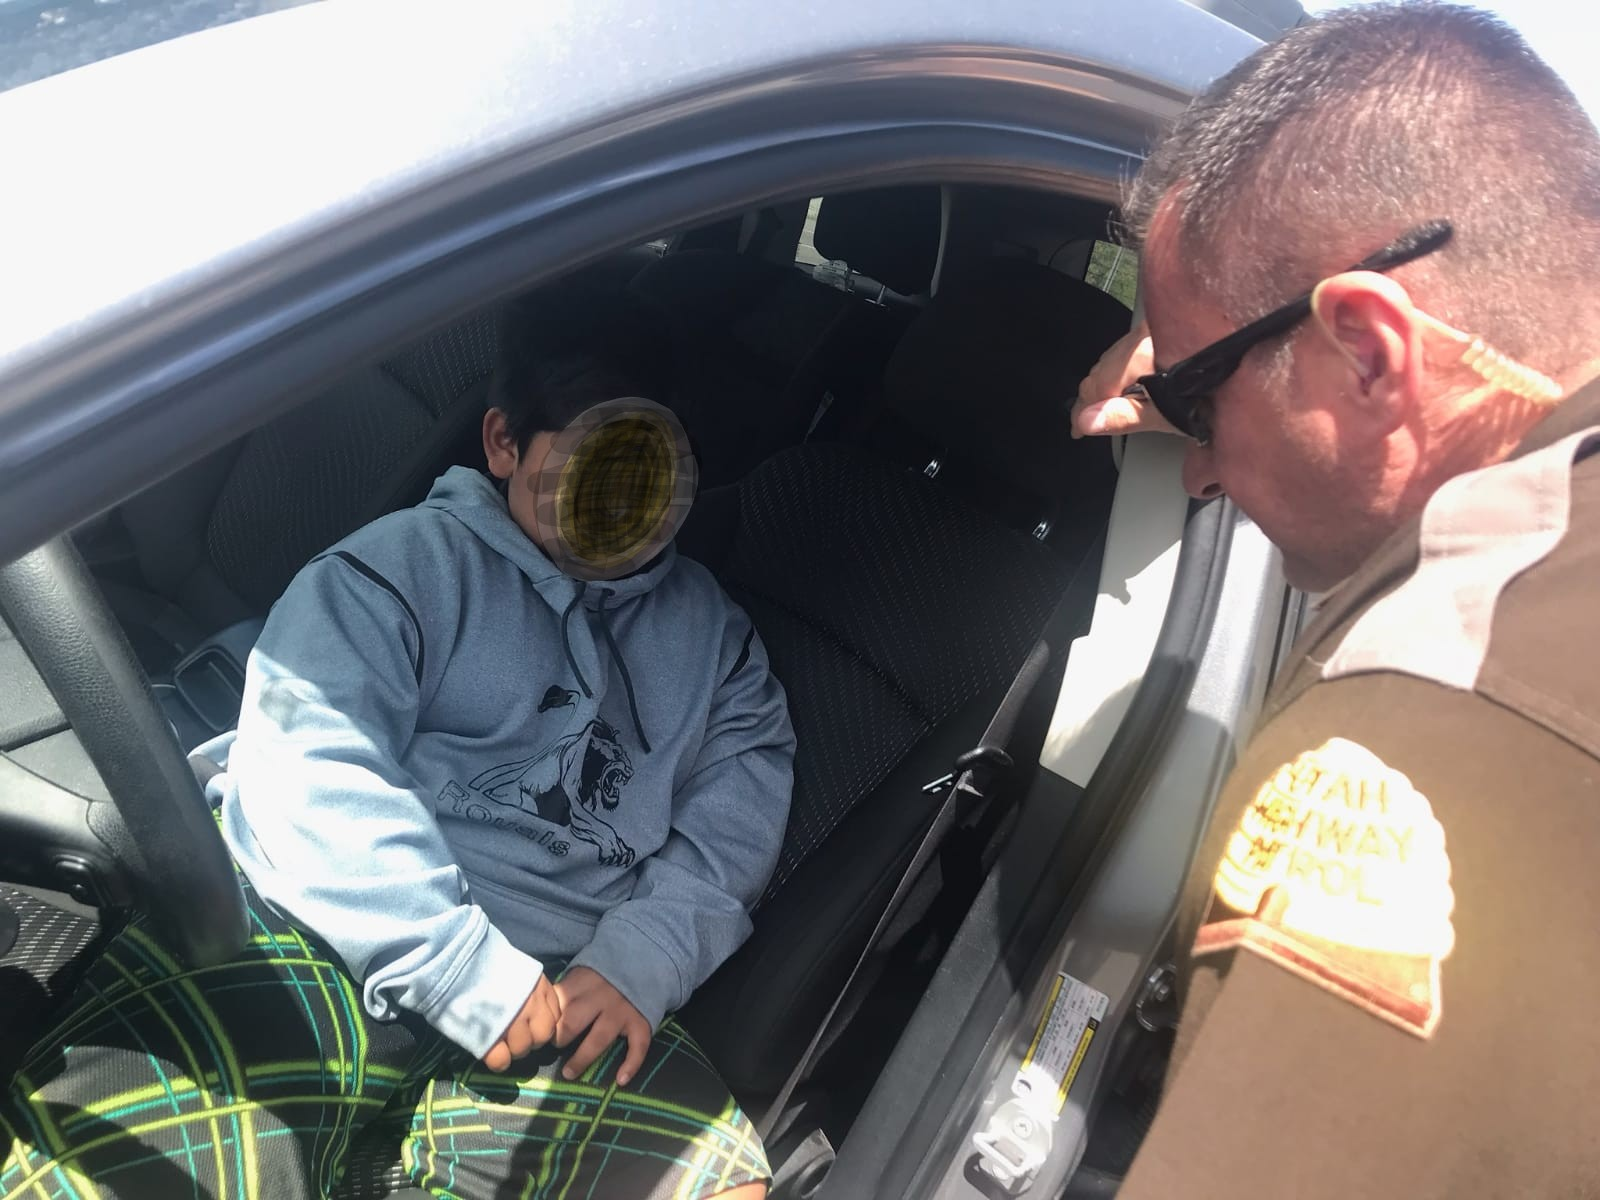 La policía detiene a un niño de cinco años al volante de un automóvil en EEUU